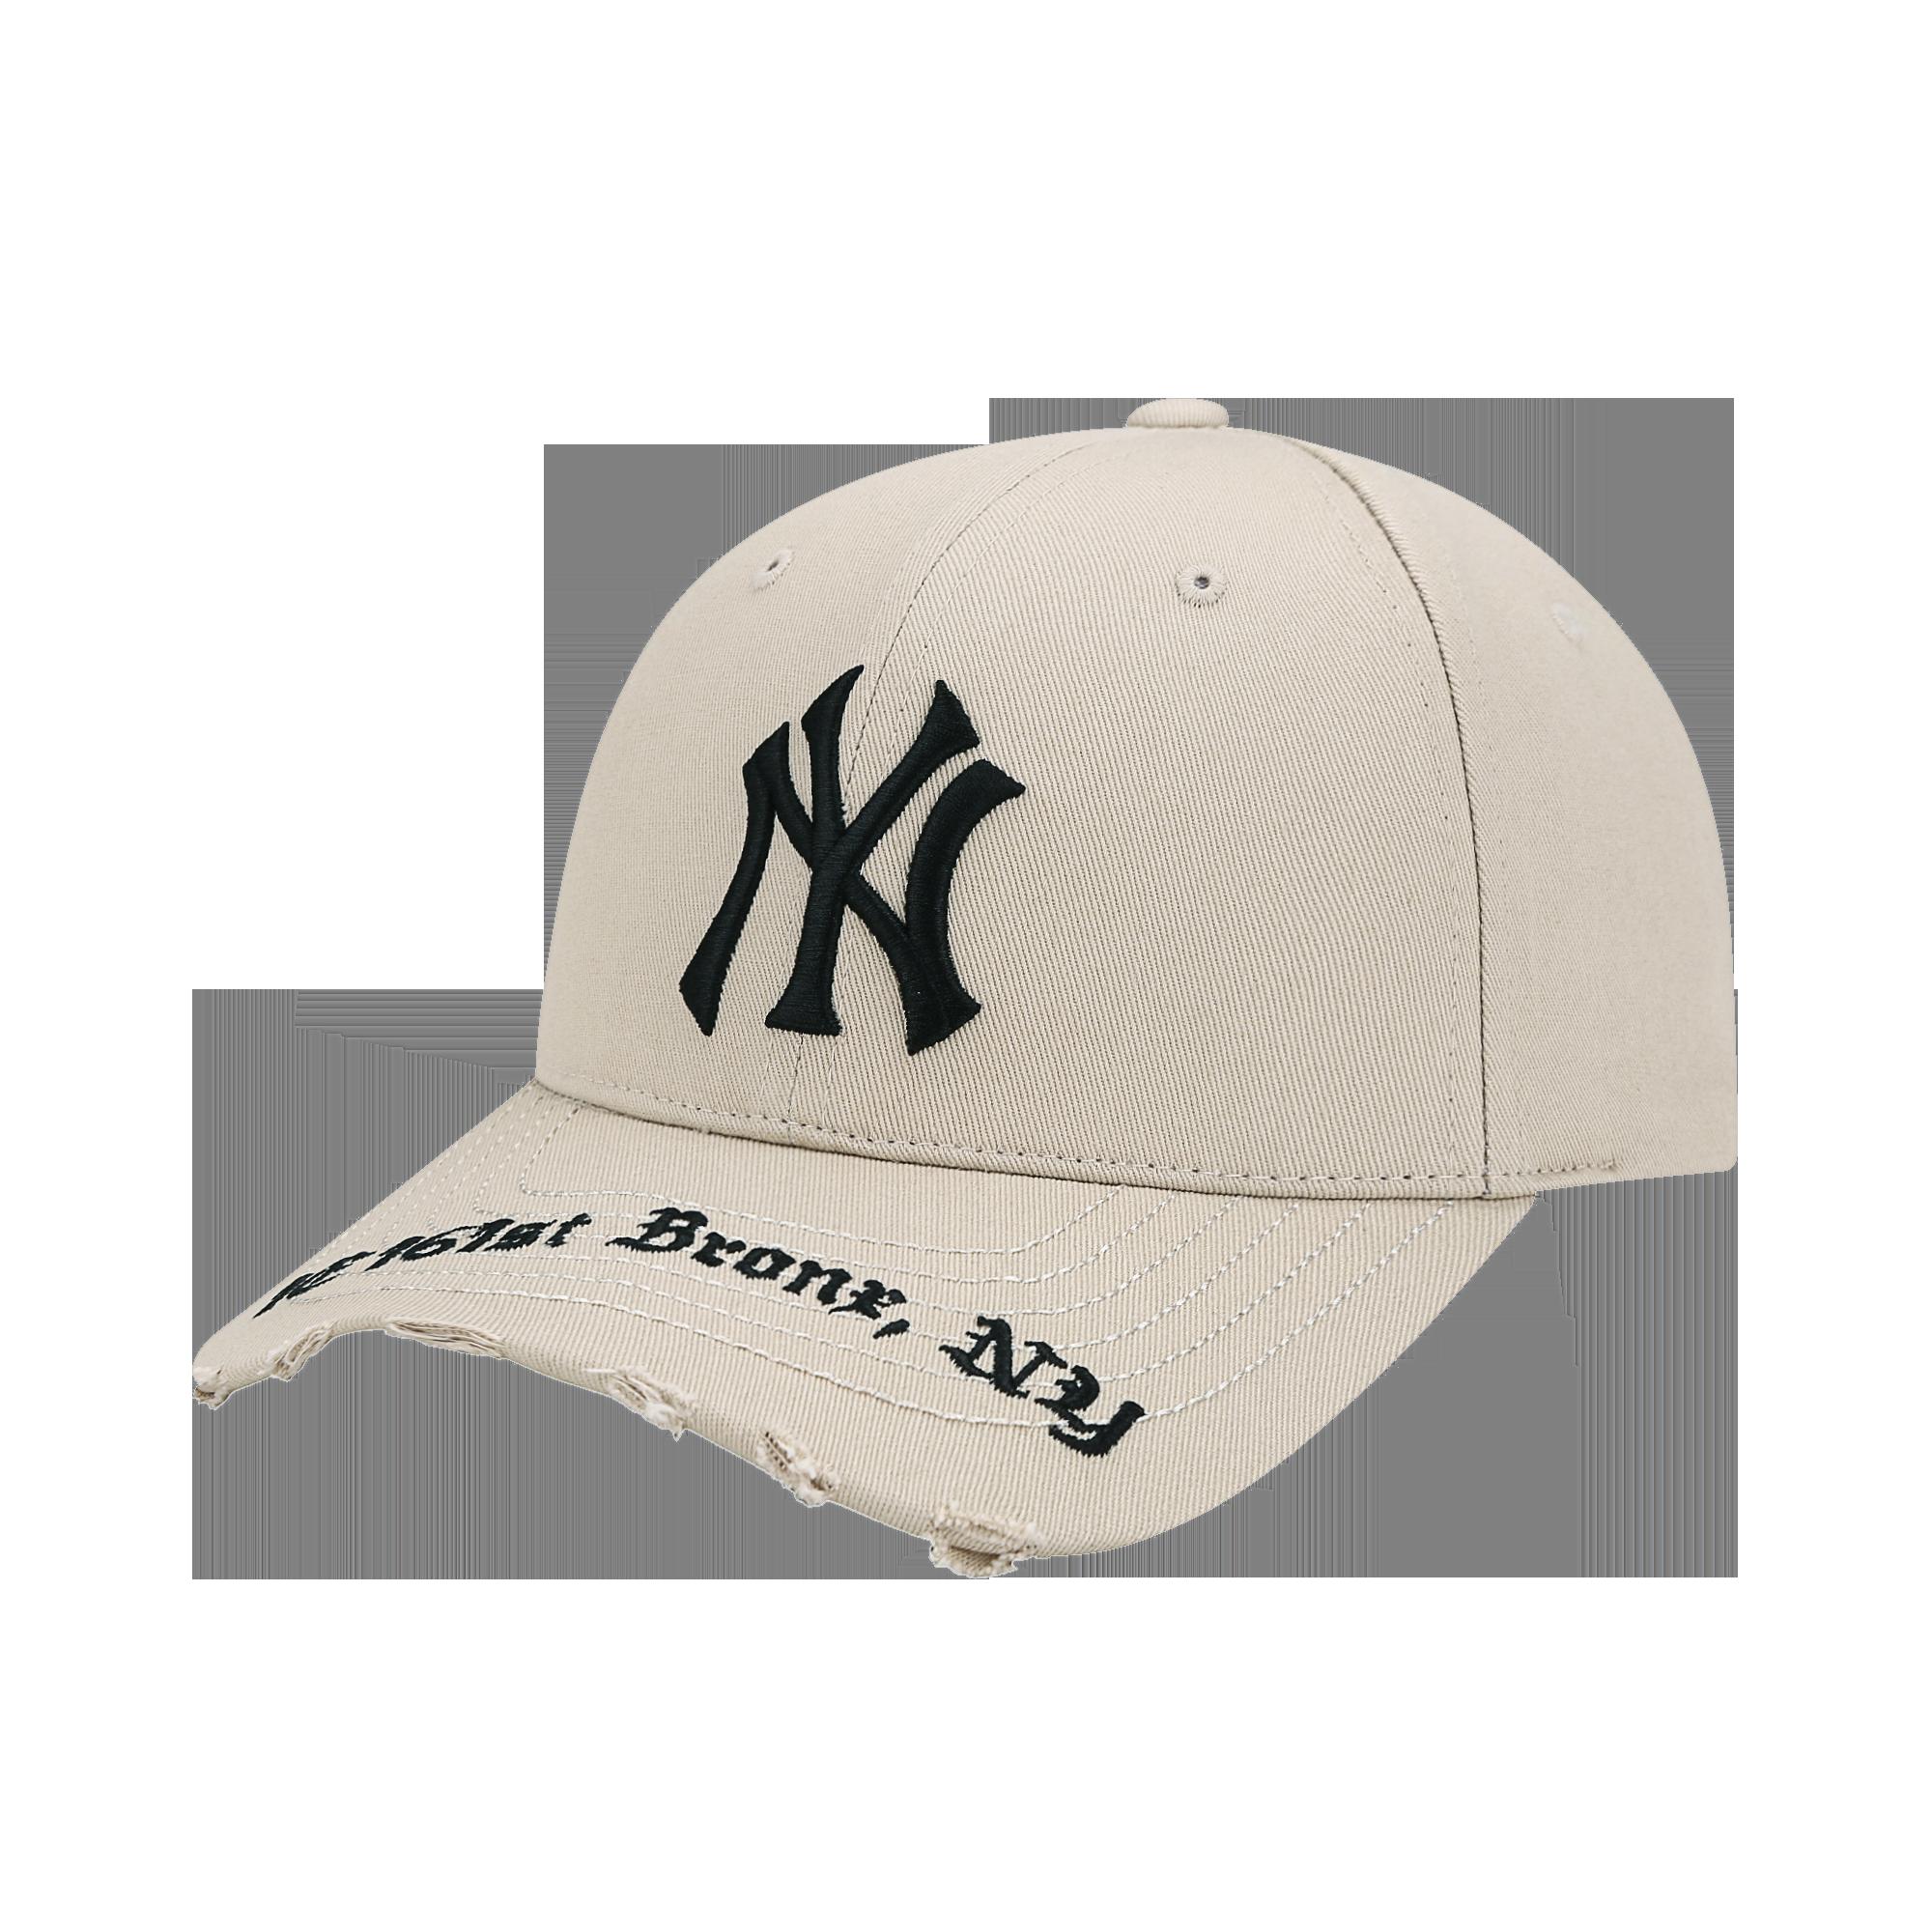 고딕 어드레스 커브조절캡 뉴욕양키스